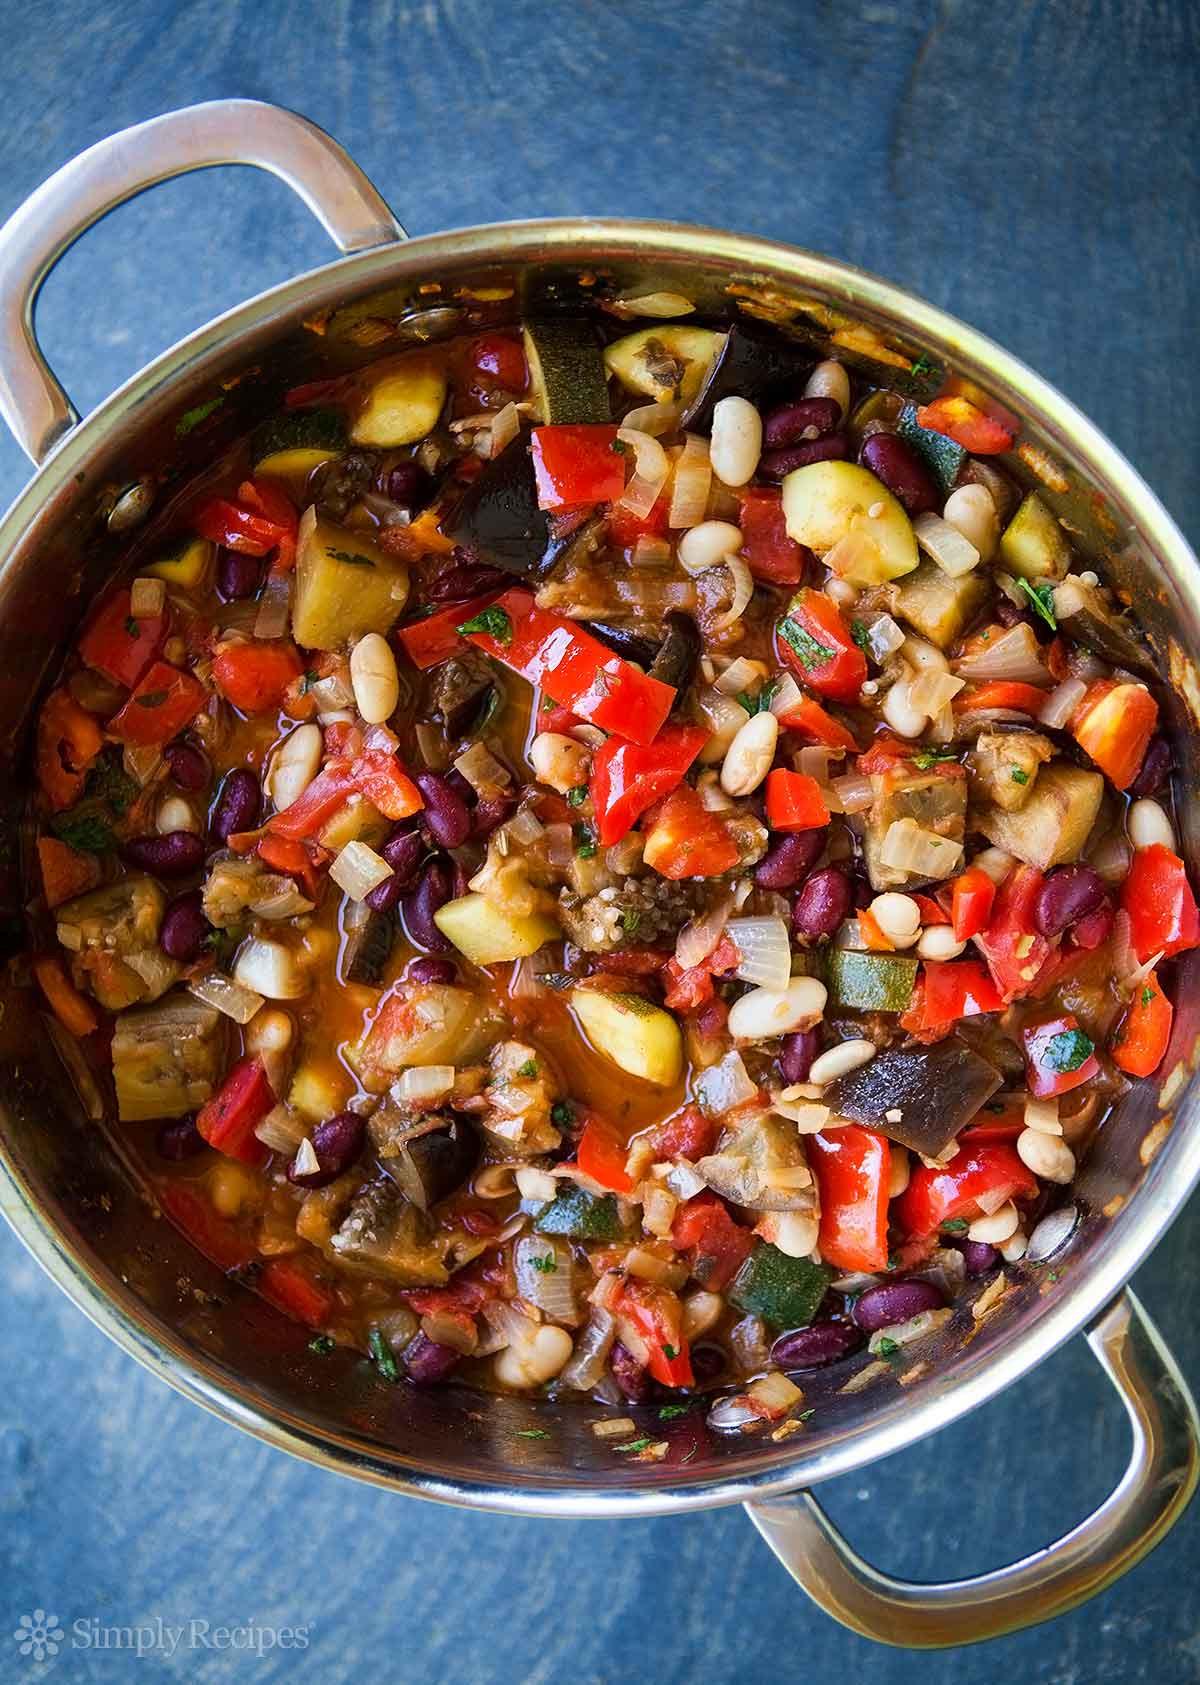 Vegetarian Chili Allrecipes  Ve arian Chili